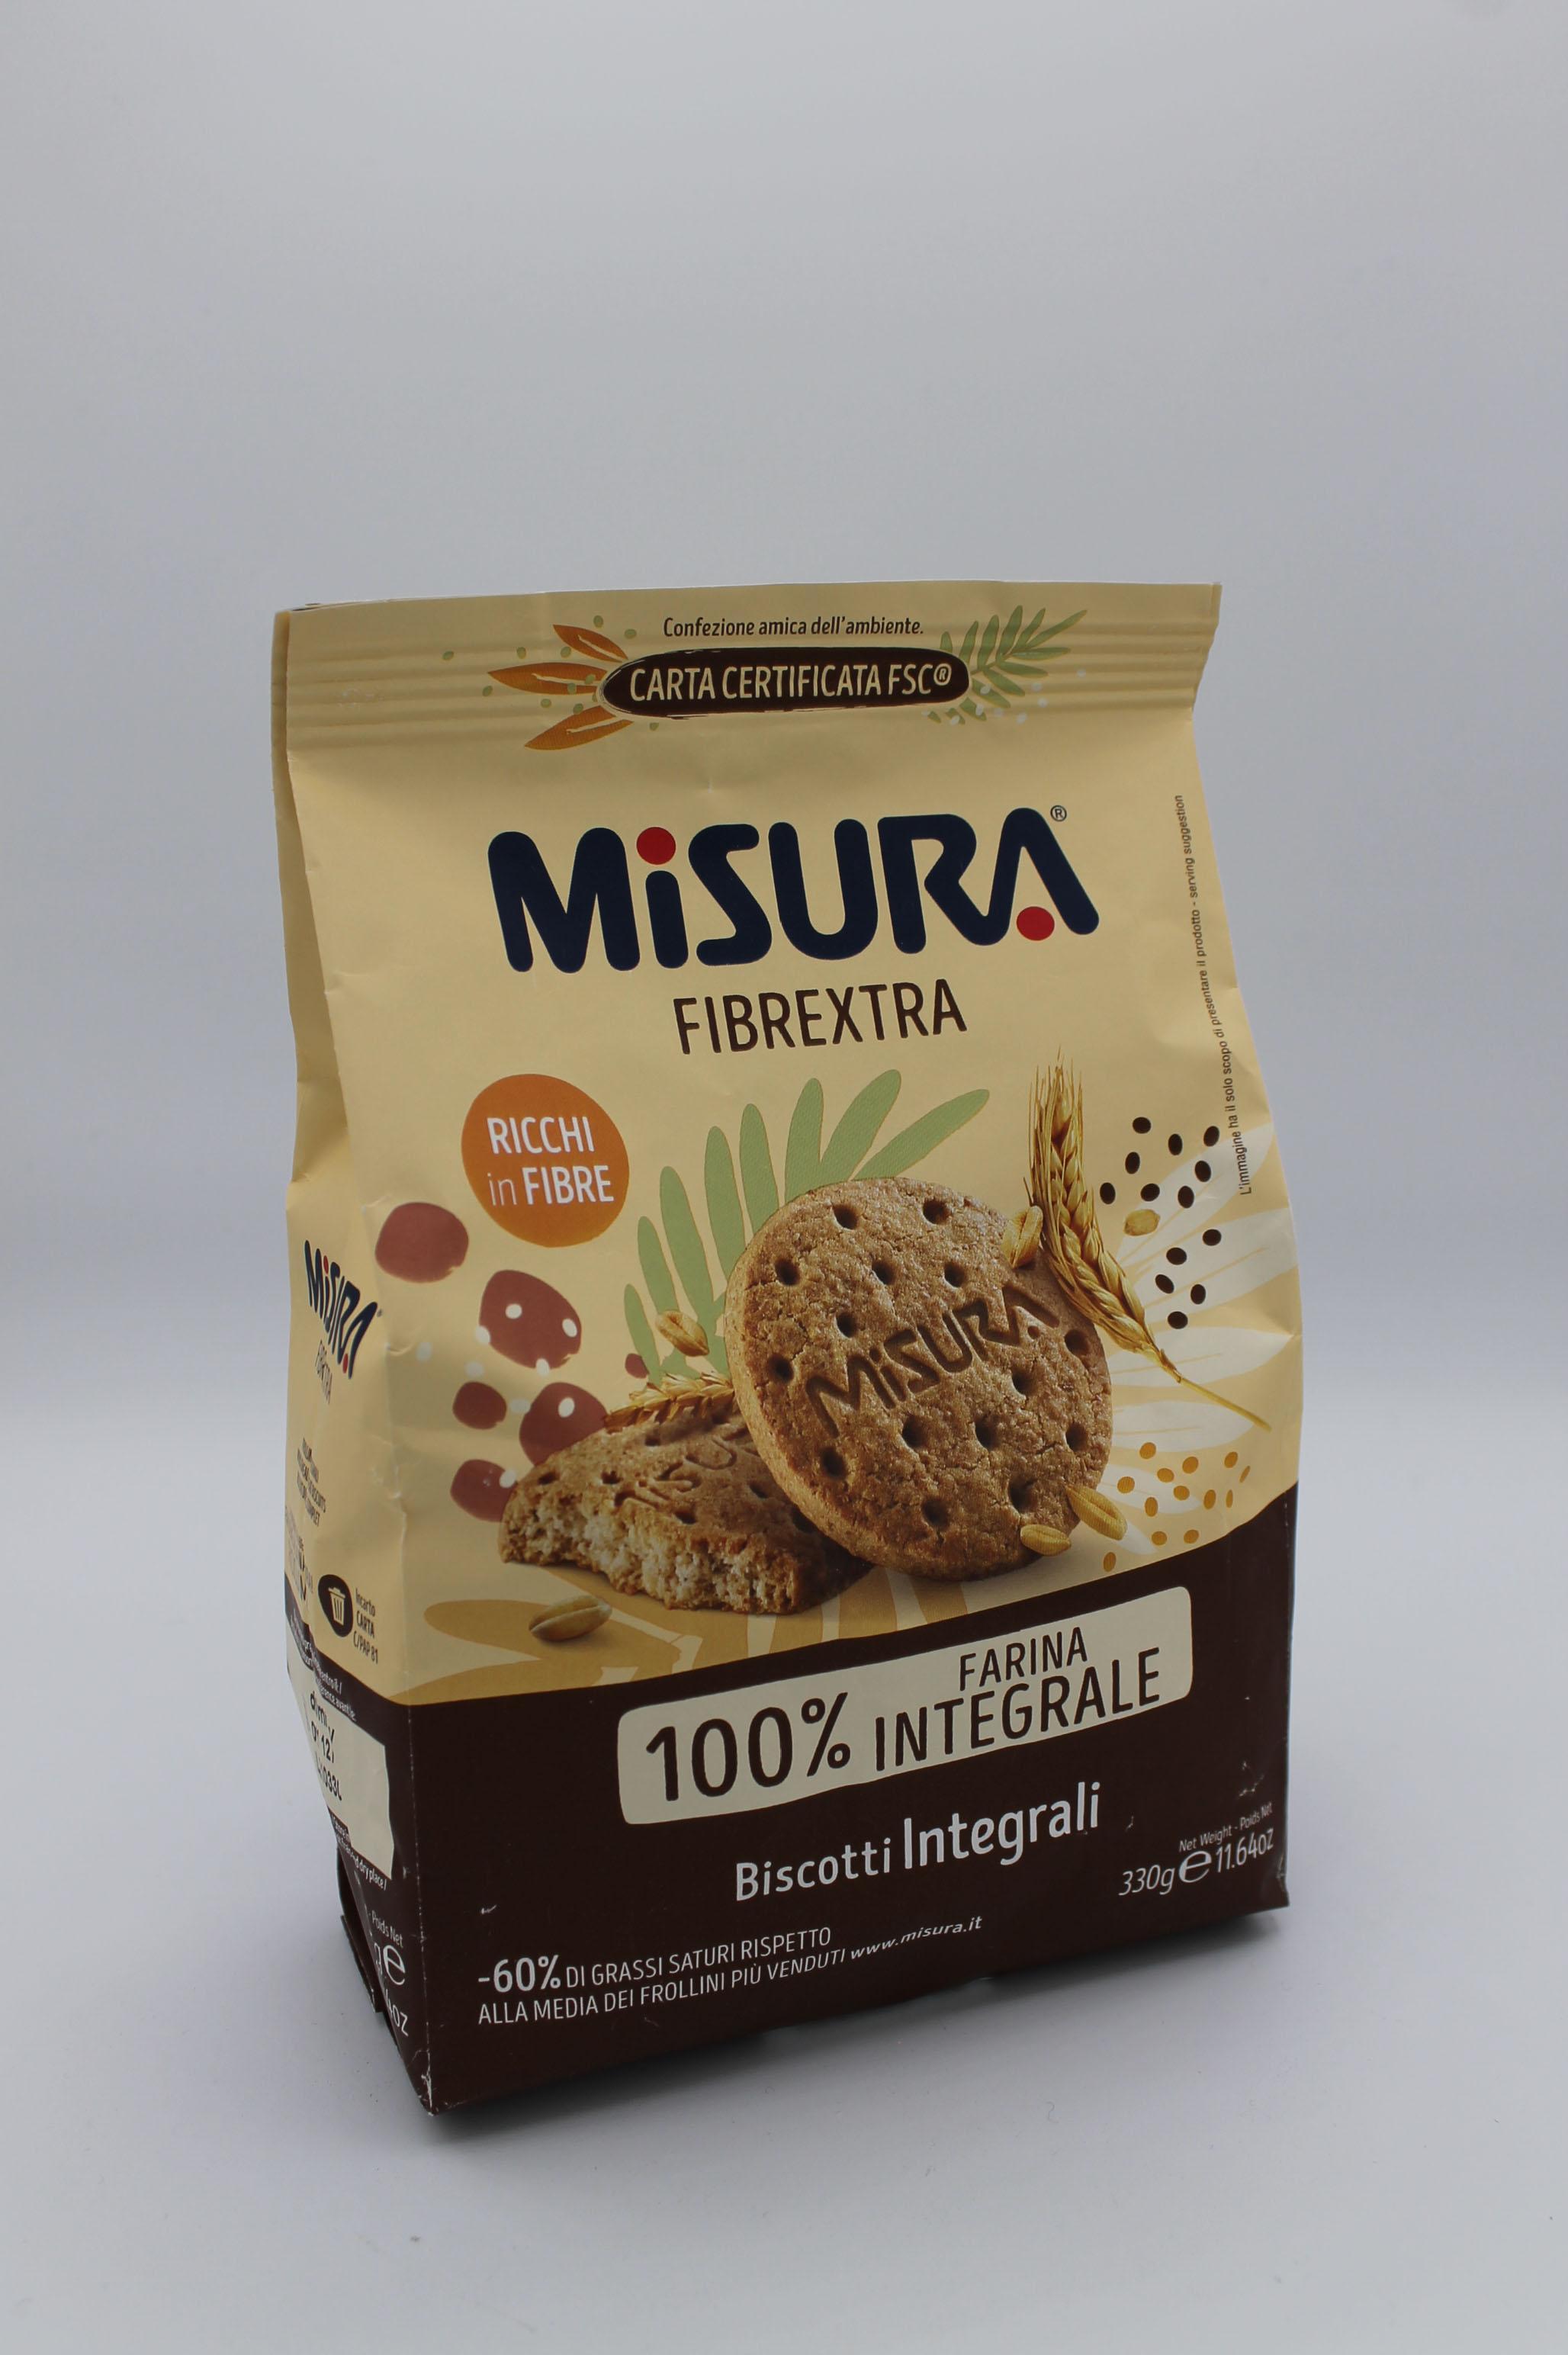 Misura biscotti con farina integrale 330 gr.